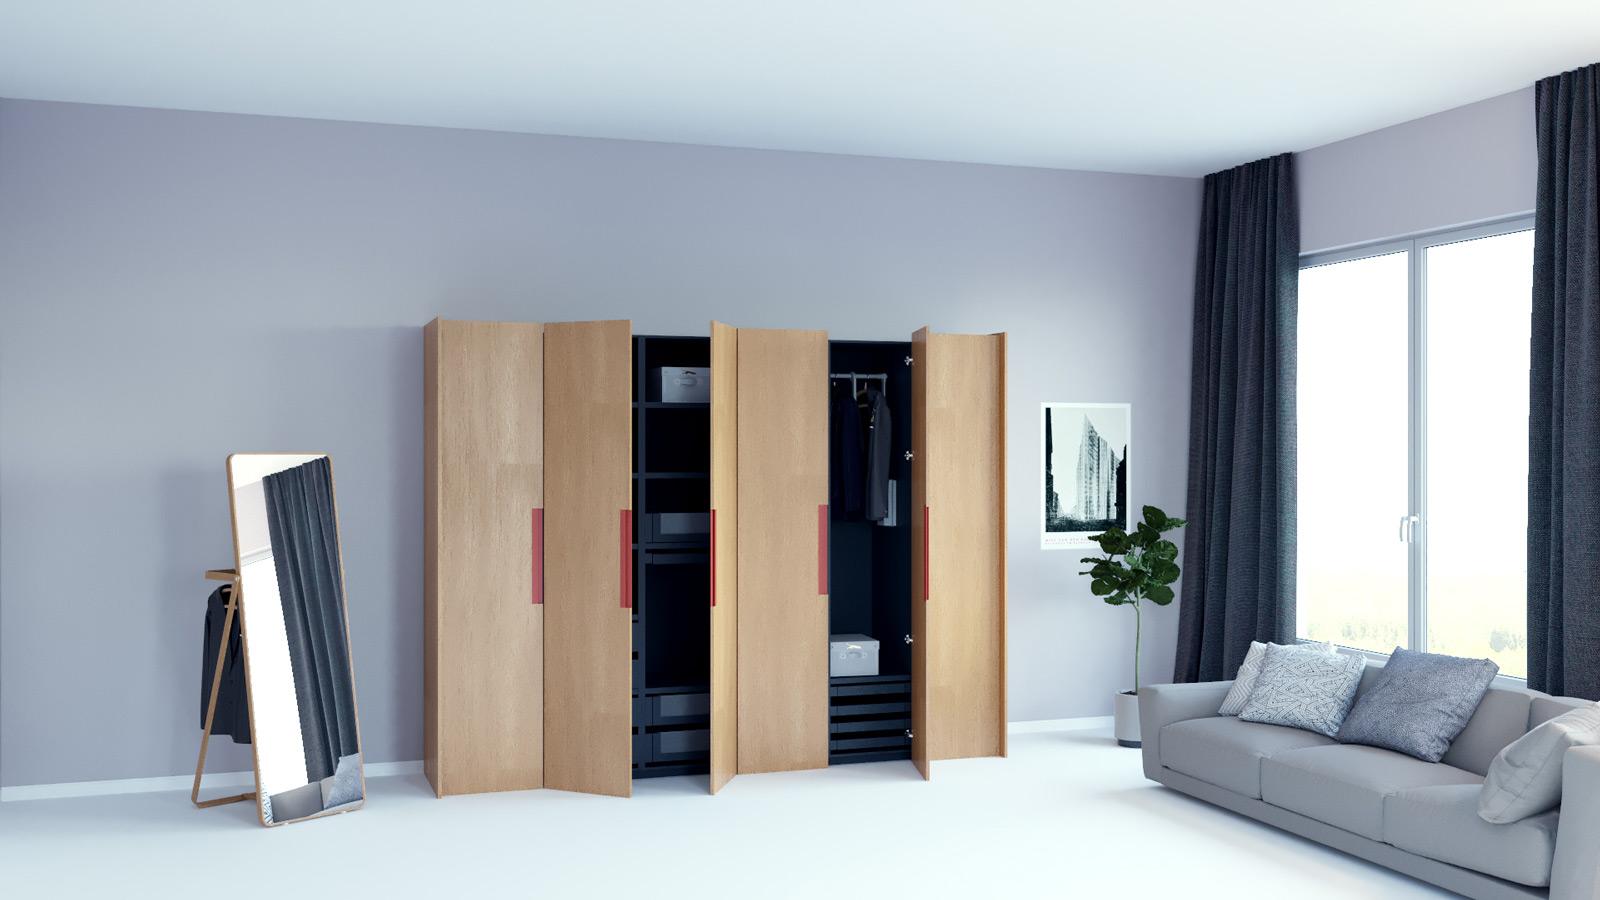 kleiderschr nke aus holz bei mycs kleiderschrank selbst gestalten mycs schweiz. Black Bedroom Furniture Sets. Home Design Ideas